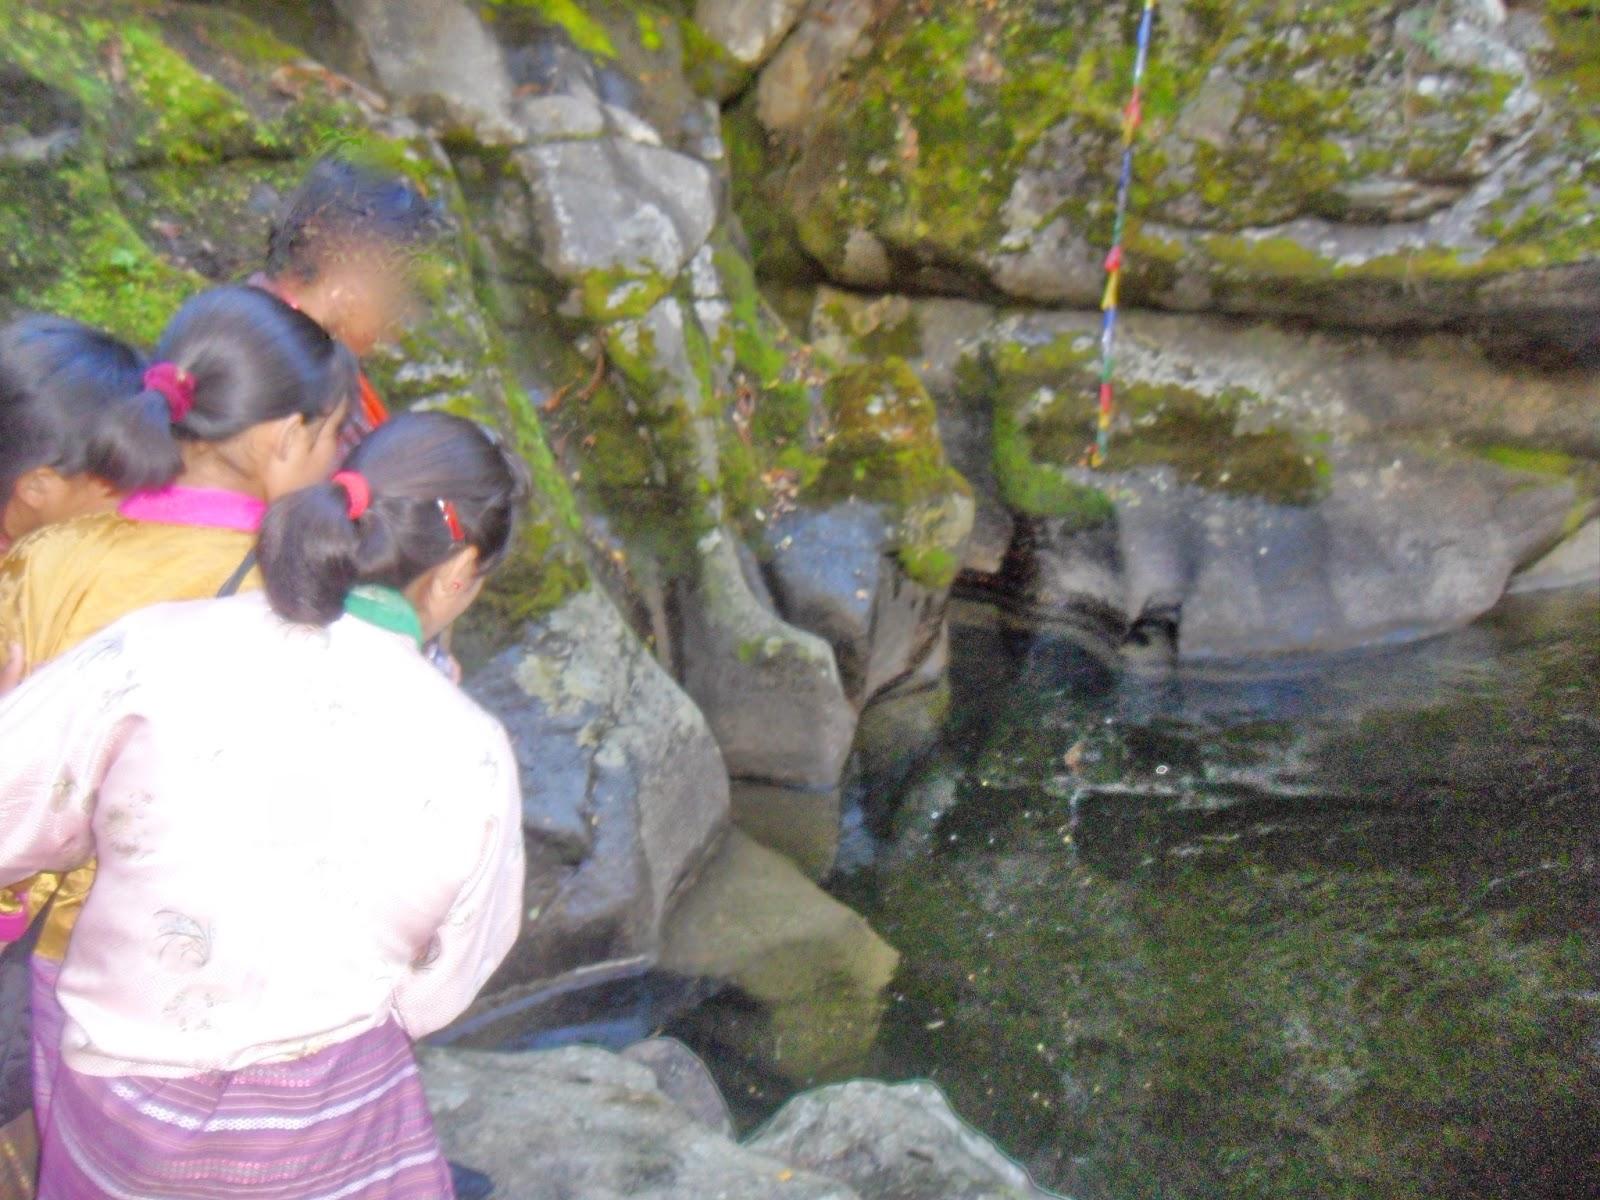 sabrina in bhutan the little mermaid in membertsho burning lake